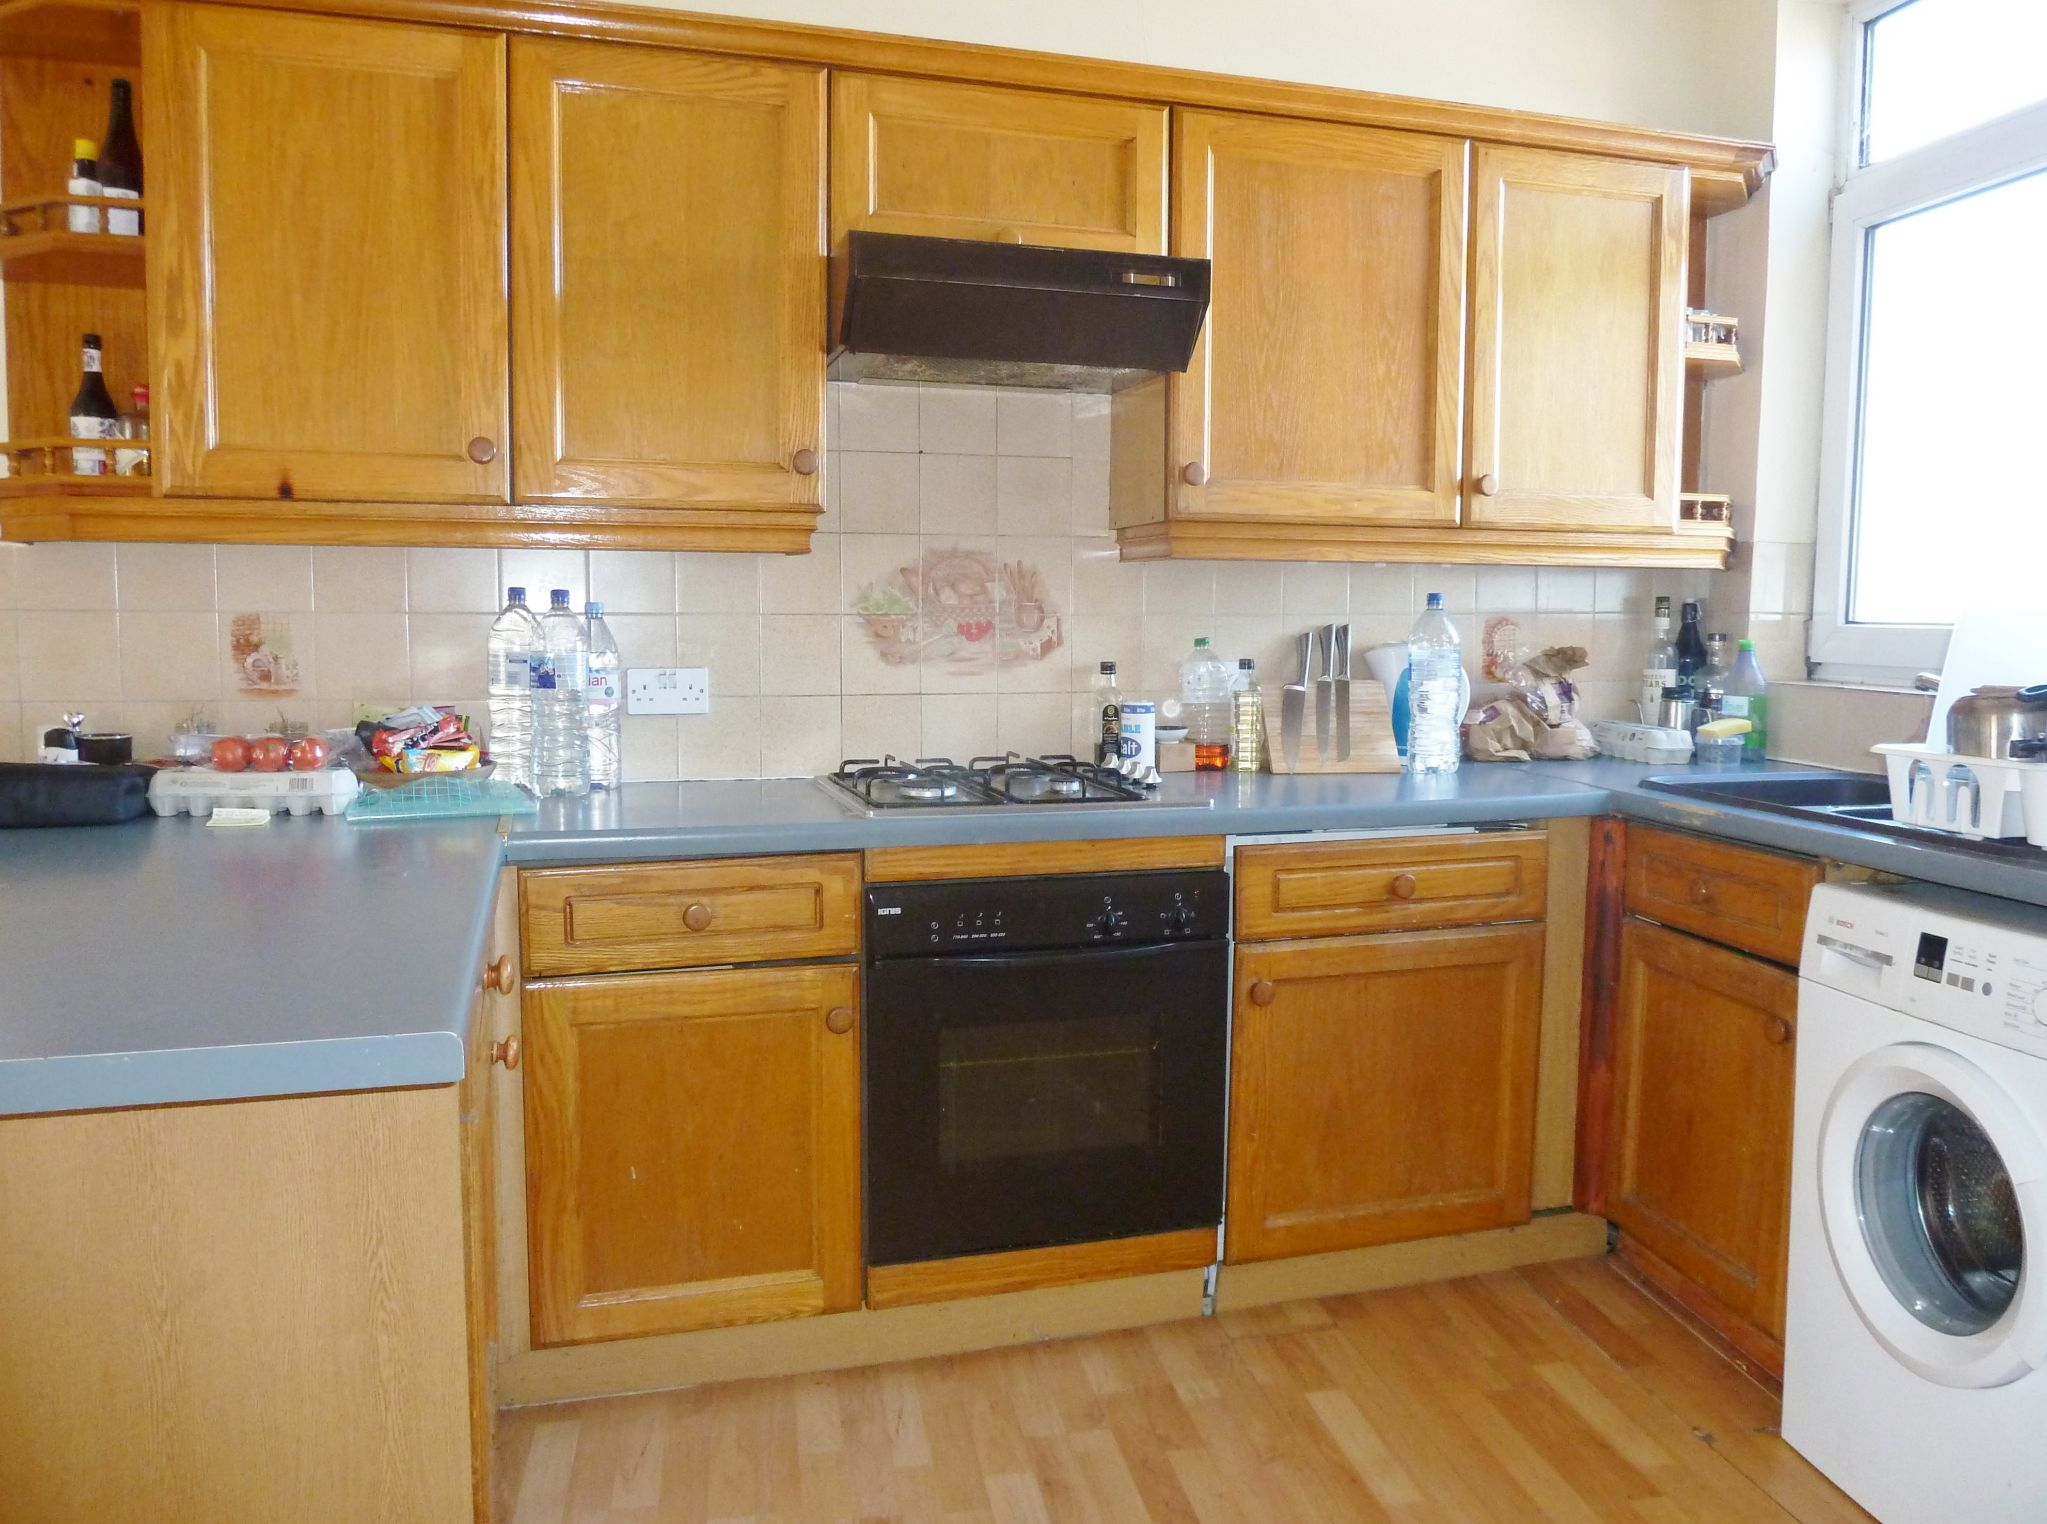 1 bedroom studio flat/apartment To Let in Willesden Green - Gas cooker